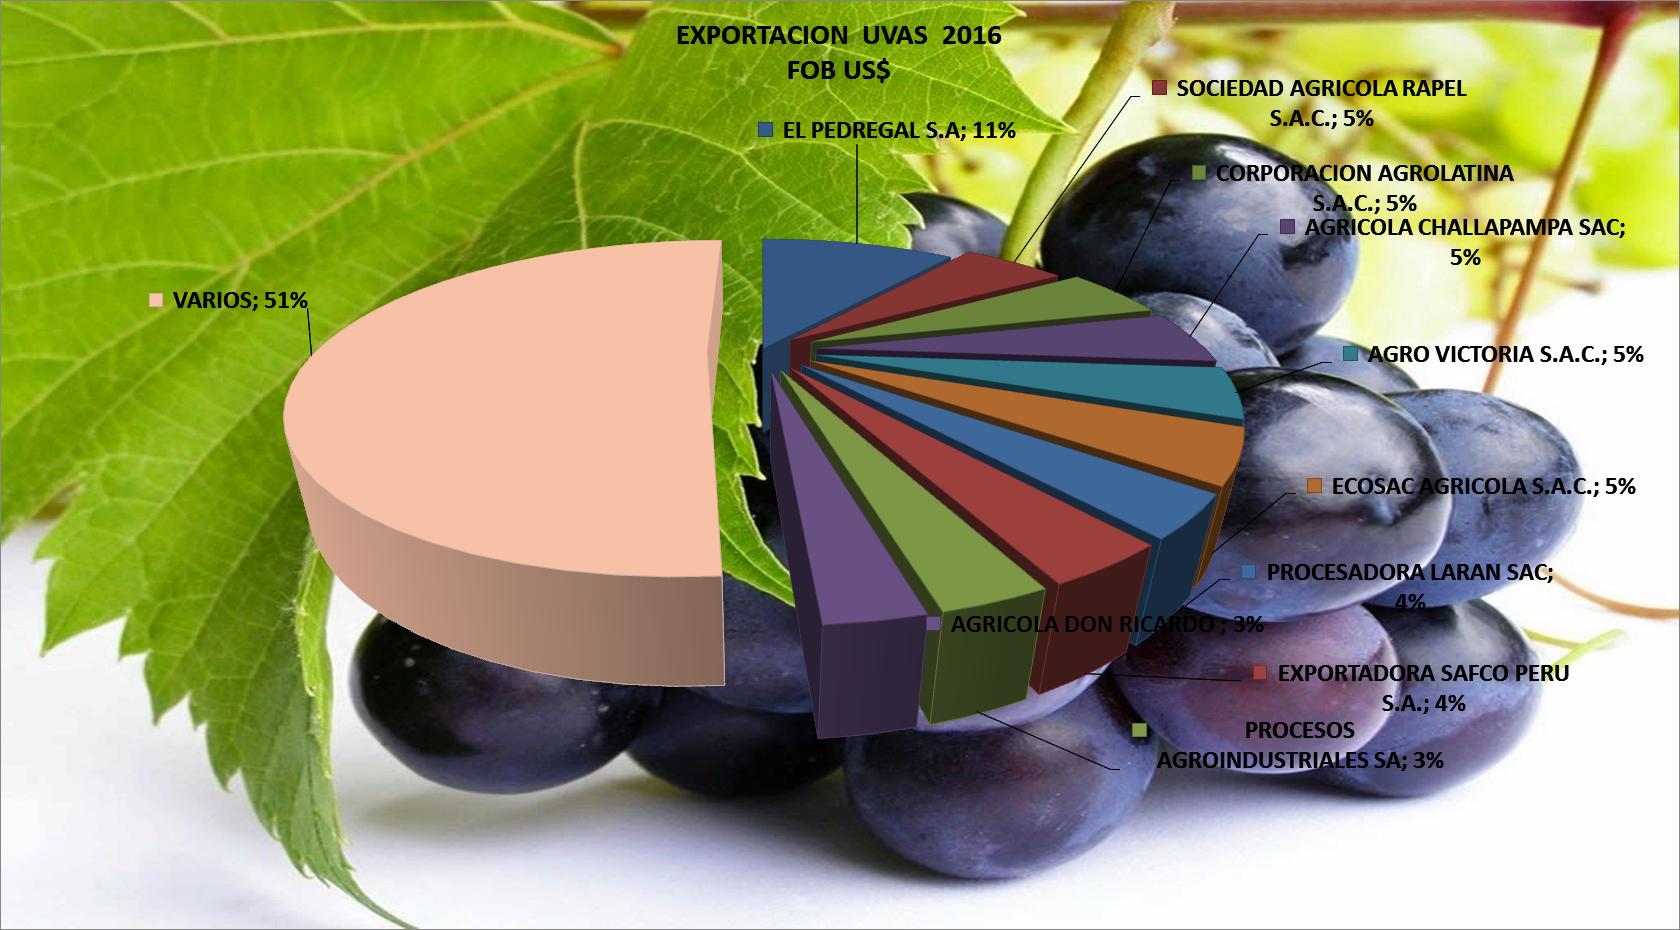 Uvas Perú Exportación 2016 Octubre